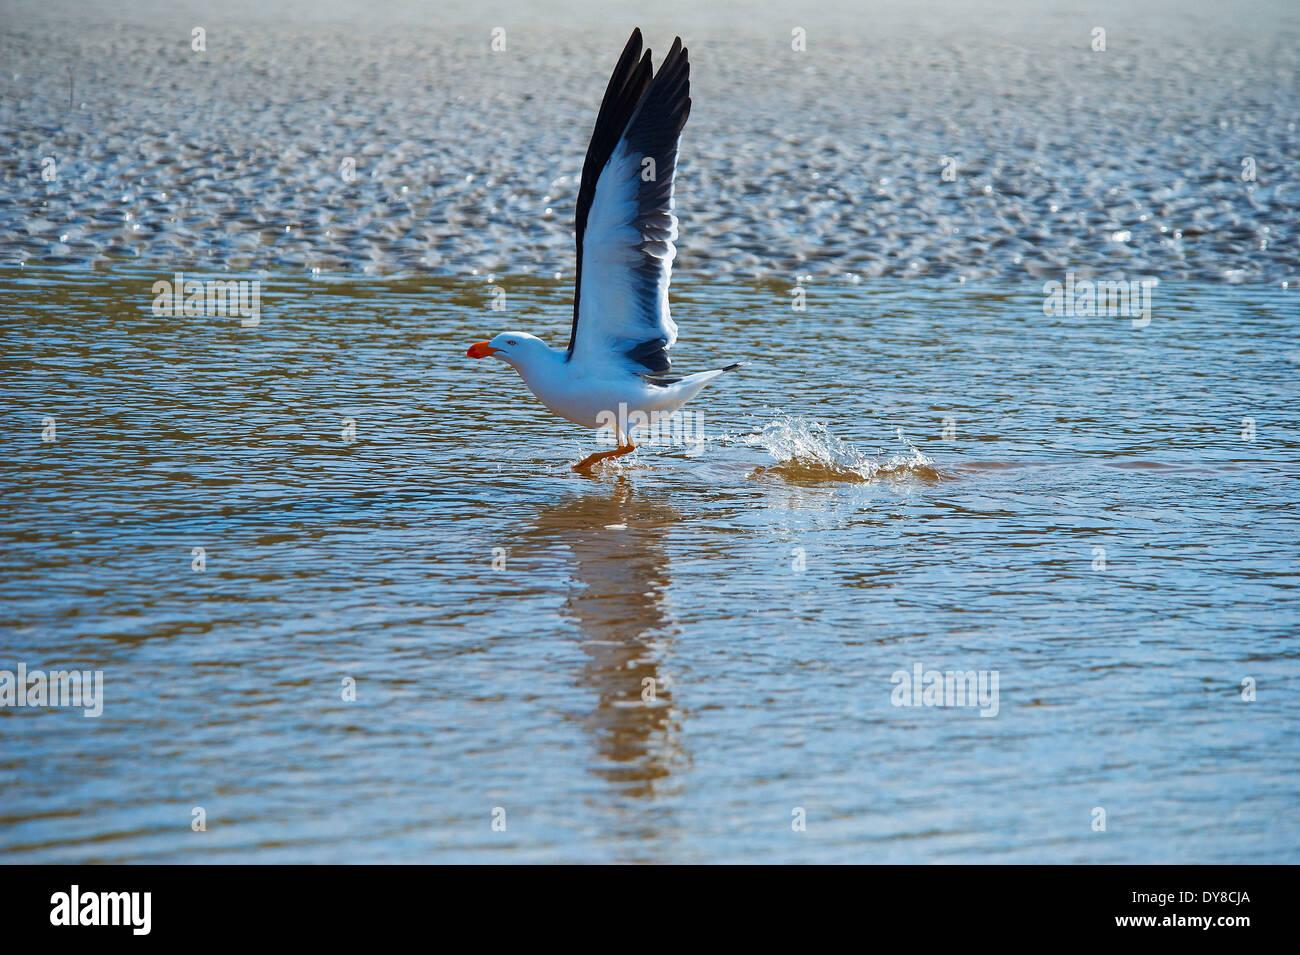 L'Australie, la mer, le sable, l'animal, Victoria, oiseaux, Wilsons Promontory, parc national, mouette, Photo Stock